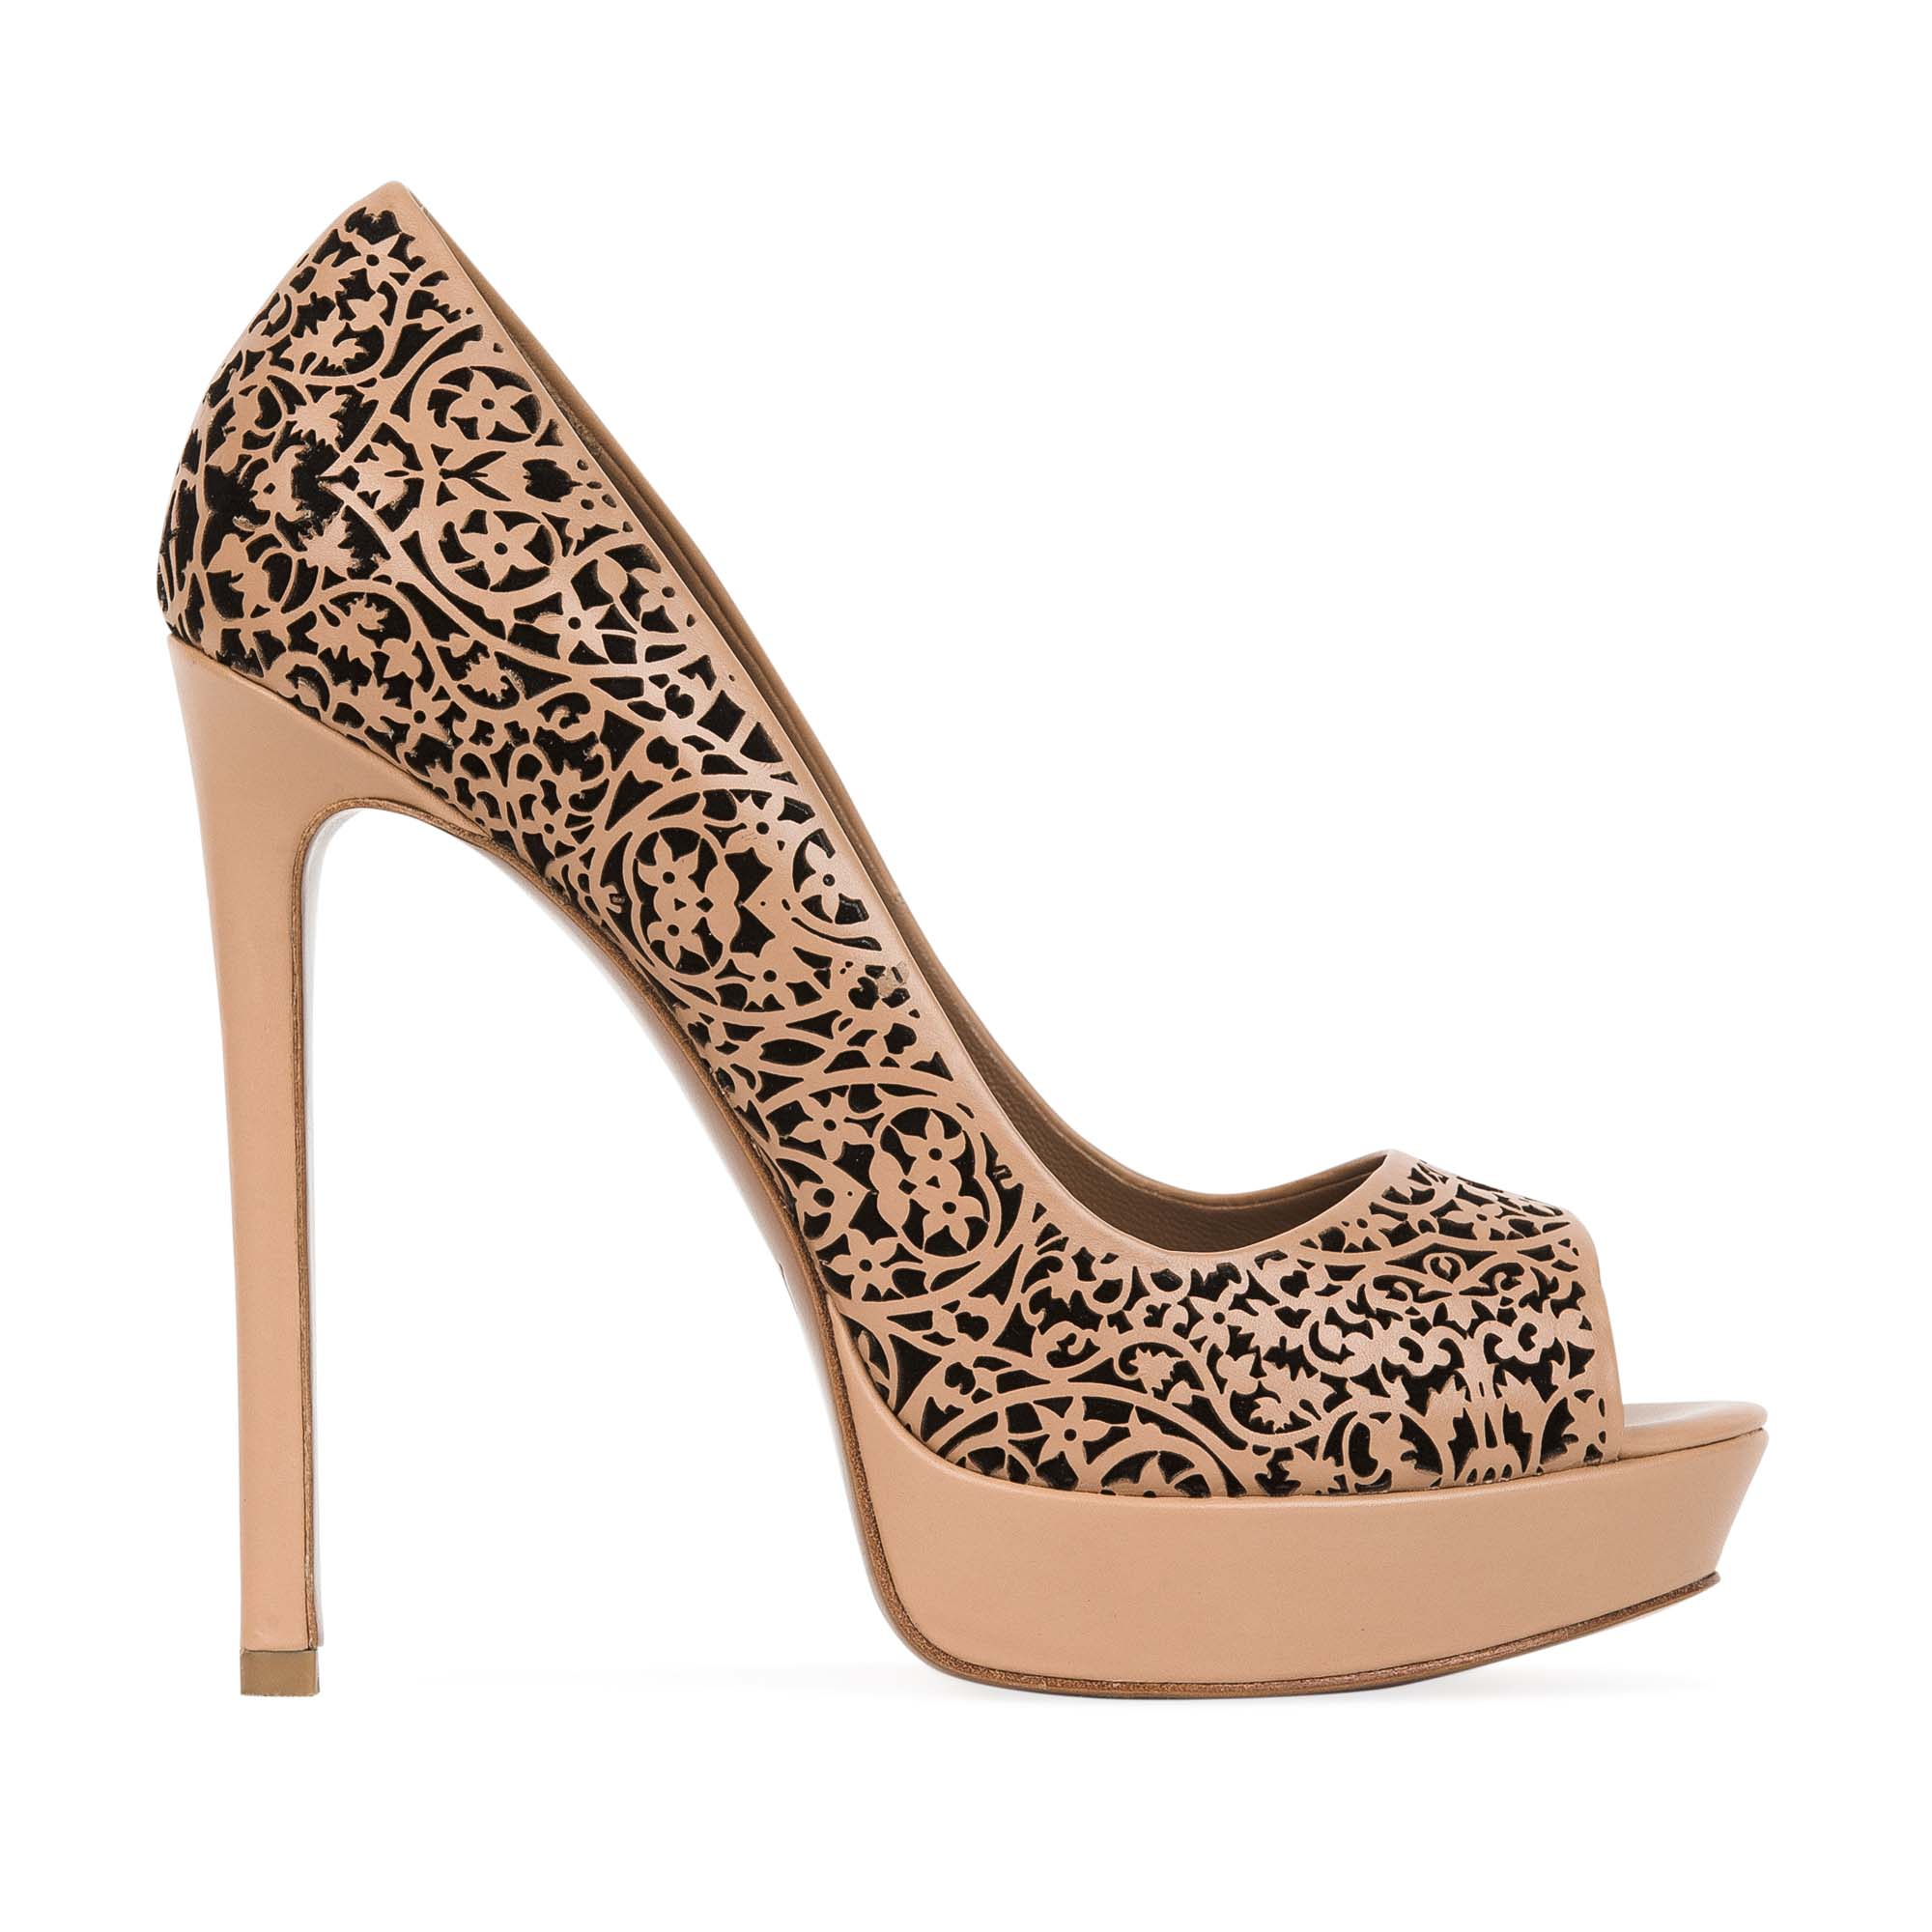 Кожаные туфли на высоком каблуке с цветочным орнаментом